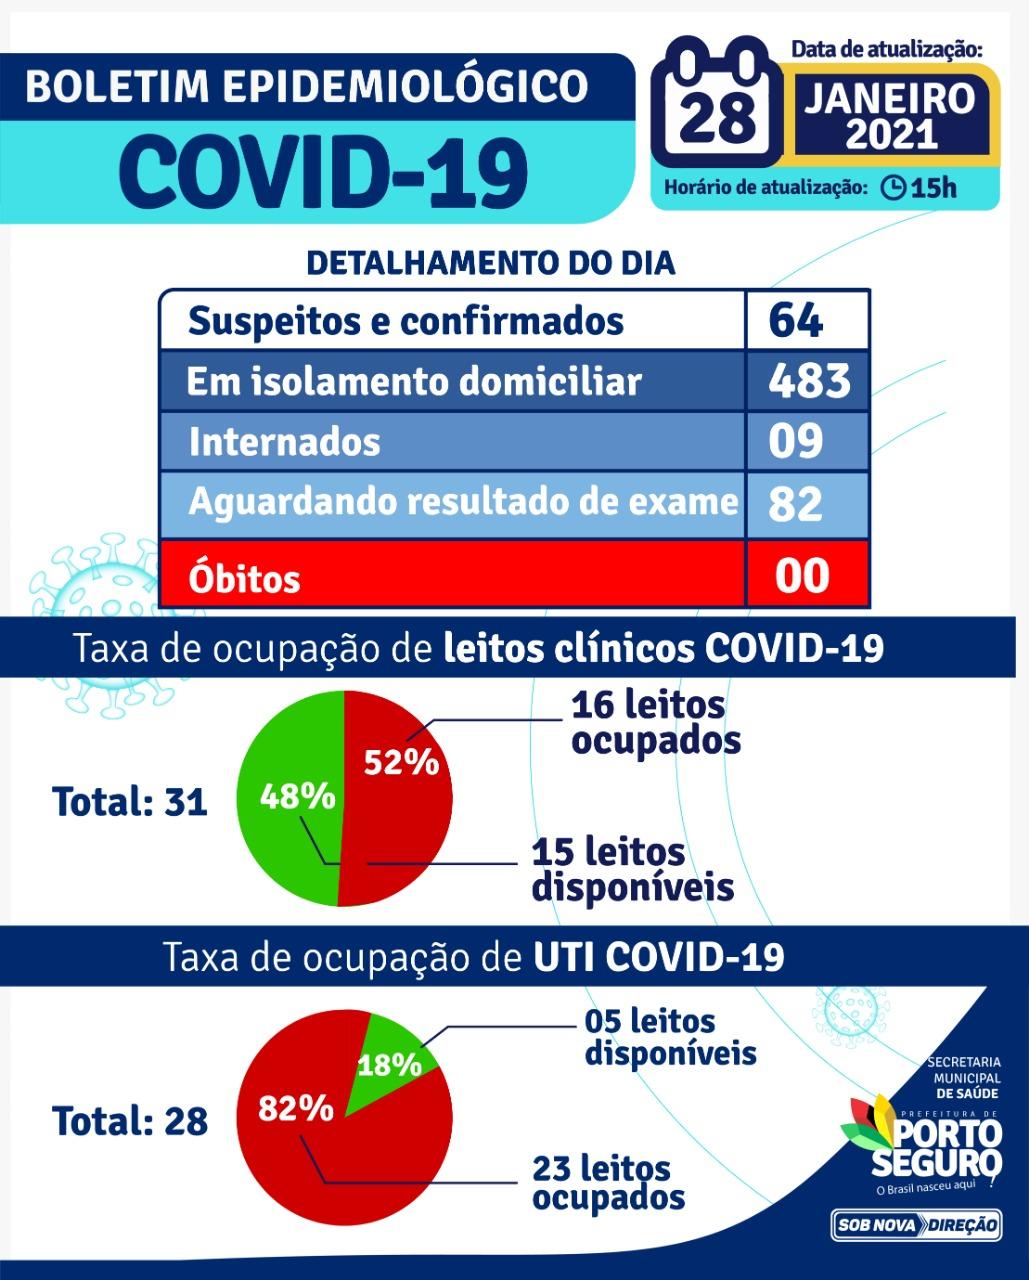 Porto Seguro: Boletim Epidemiológico Coronavírus (quinta feira) 28/01 24